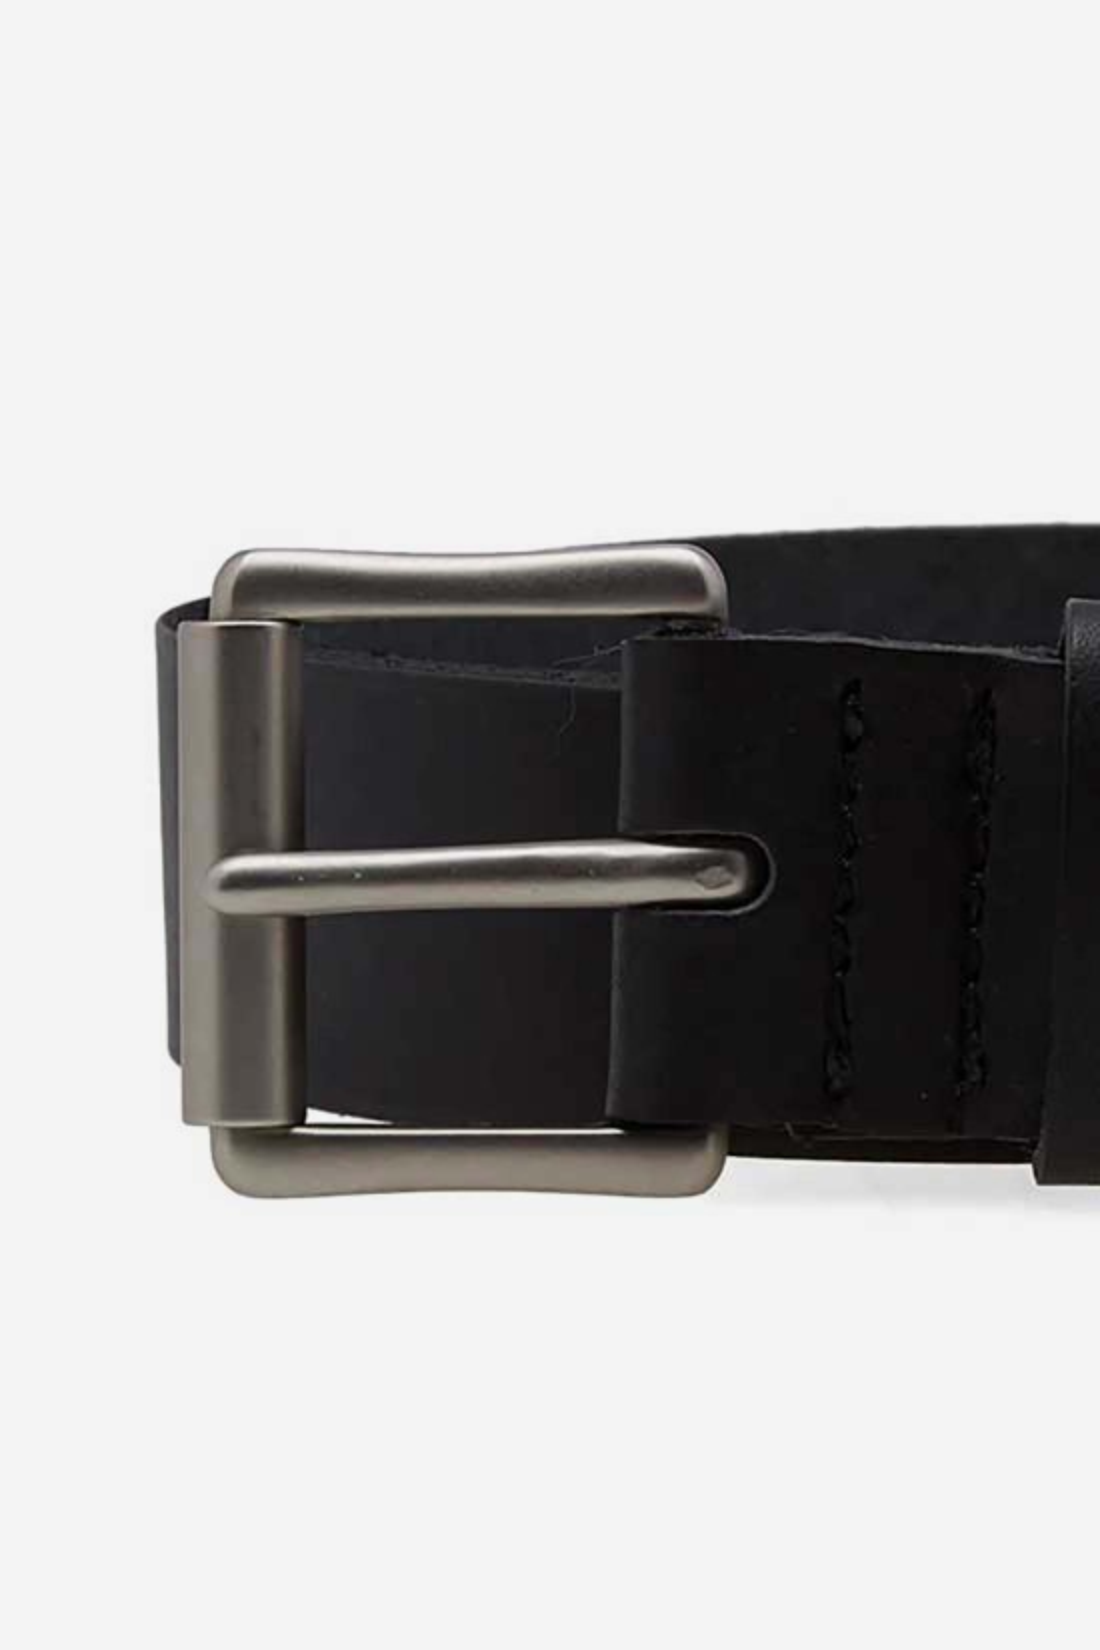 RED WING / Pioneer leather belt Style n.96503 black